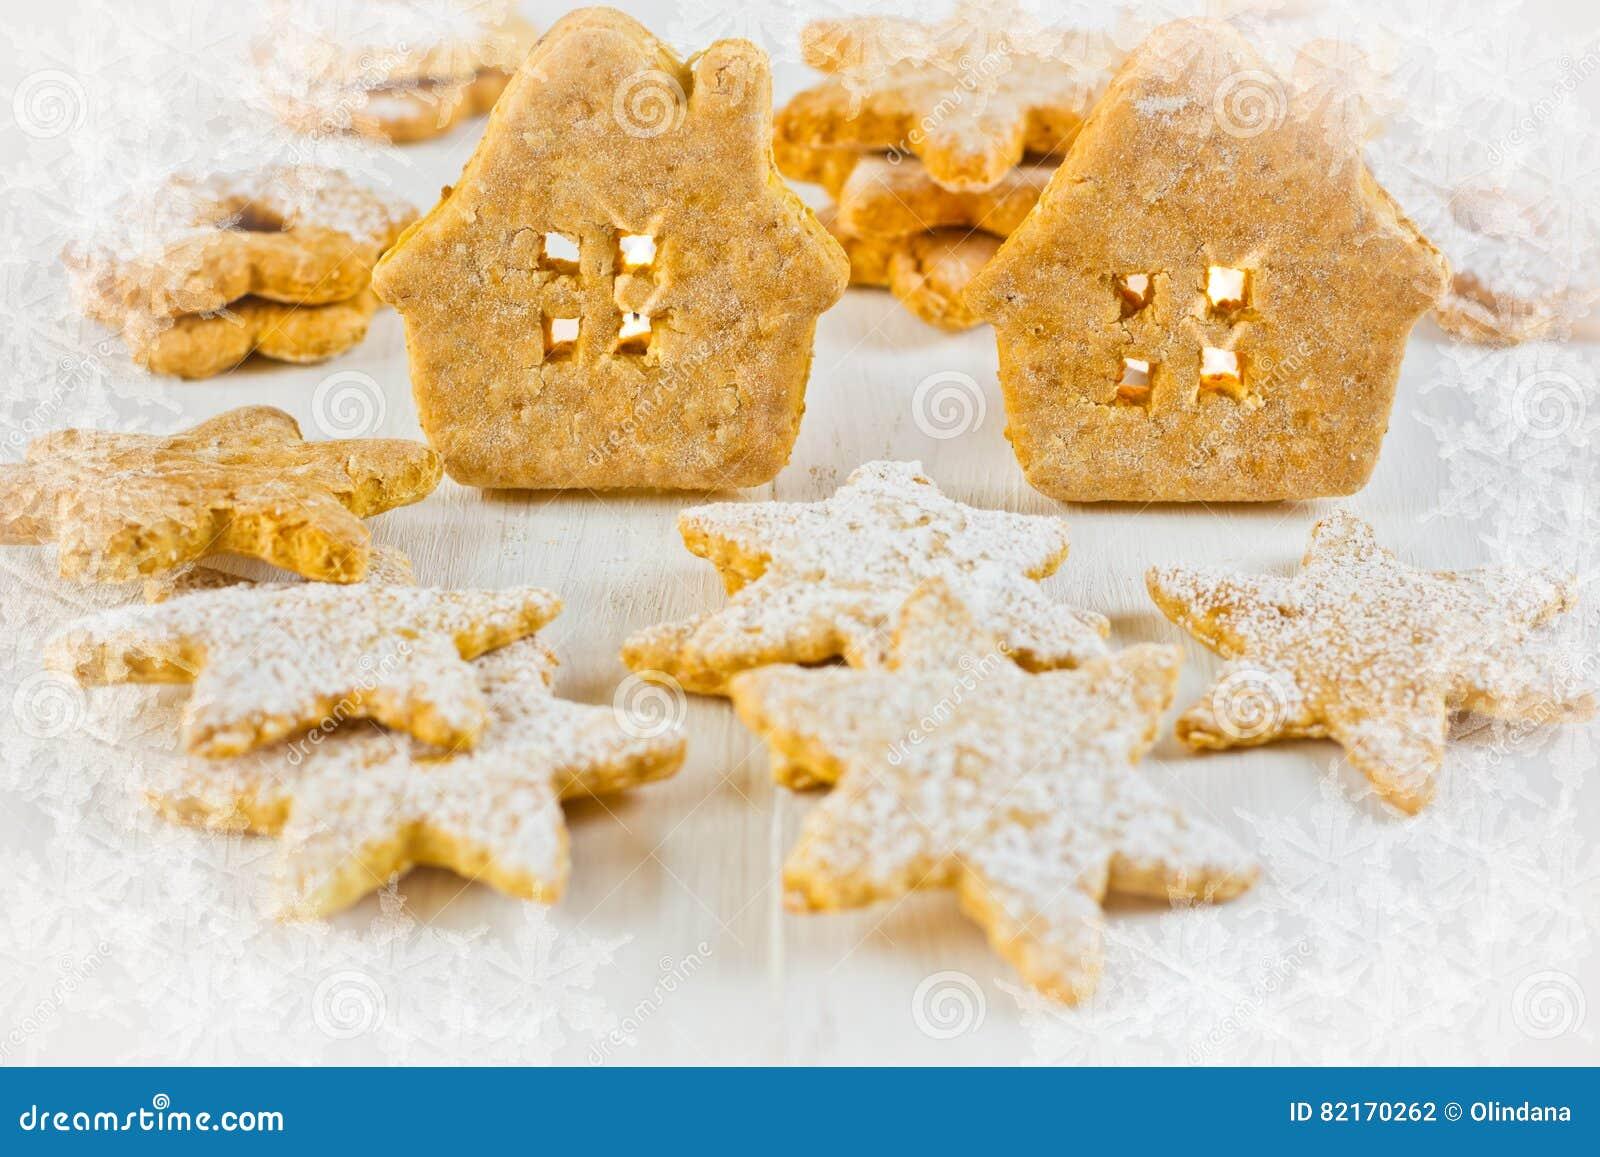 Best Linzer Cookies advise